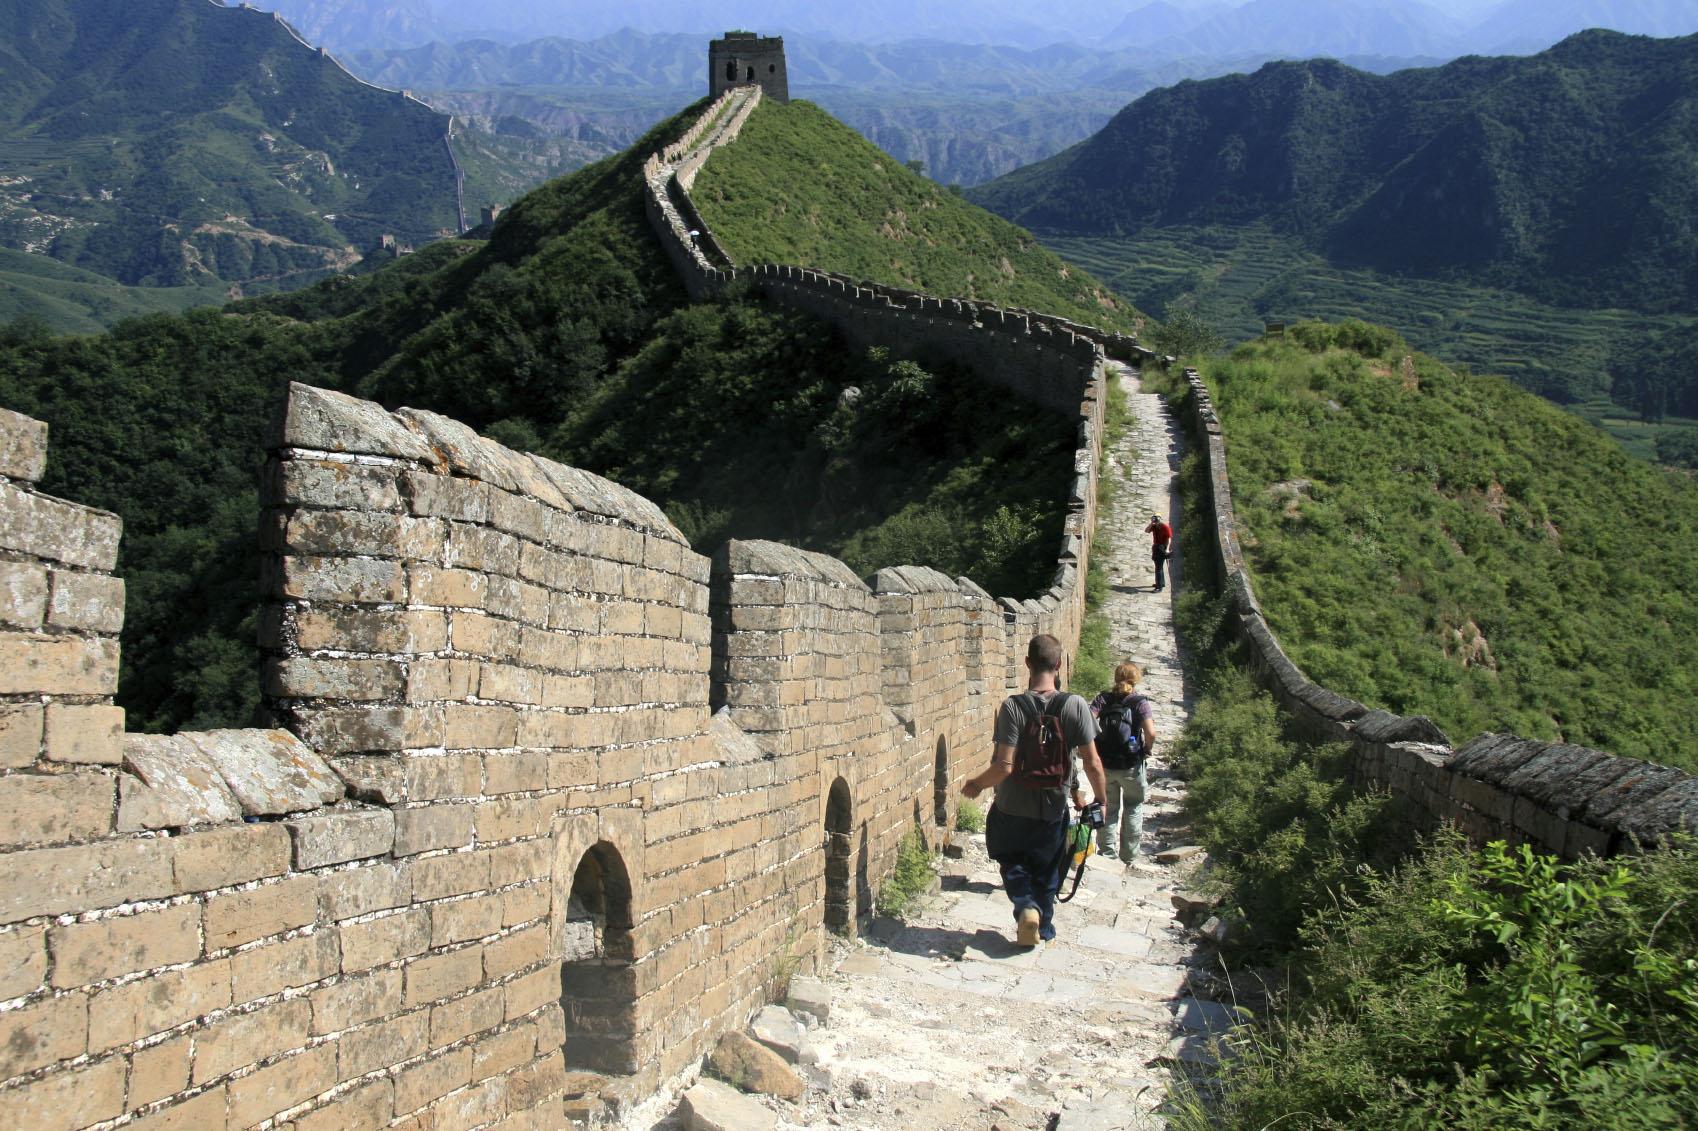 Киненскиот ѕид исчезнува: Локалното население краде градежен материјал од ѕидот